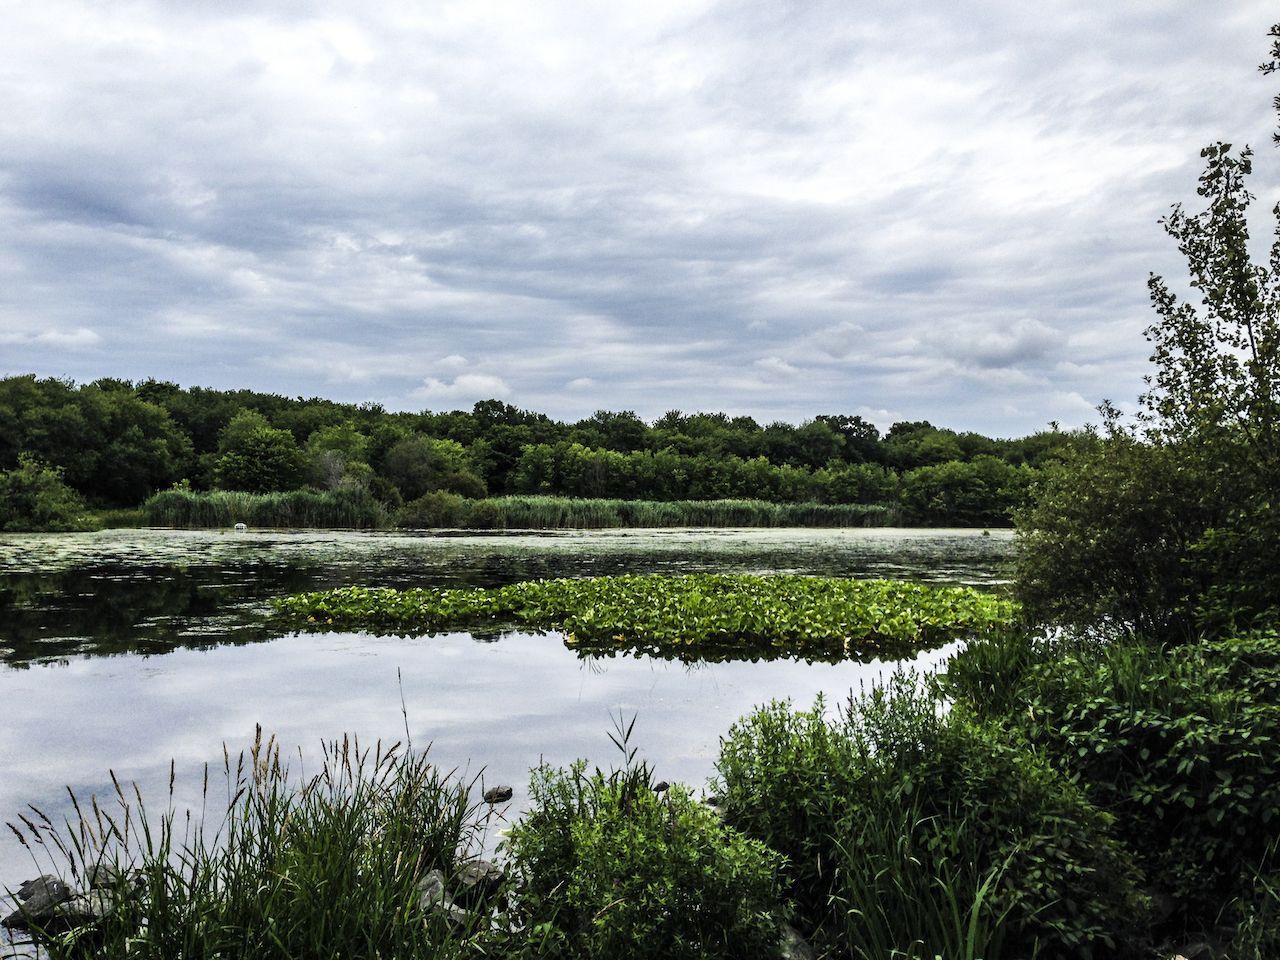 A cloudy day at Massapequa Park Preserve in Massapequa Park, Long Island